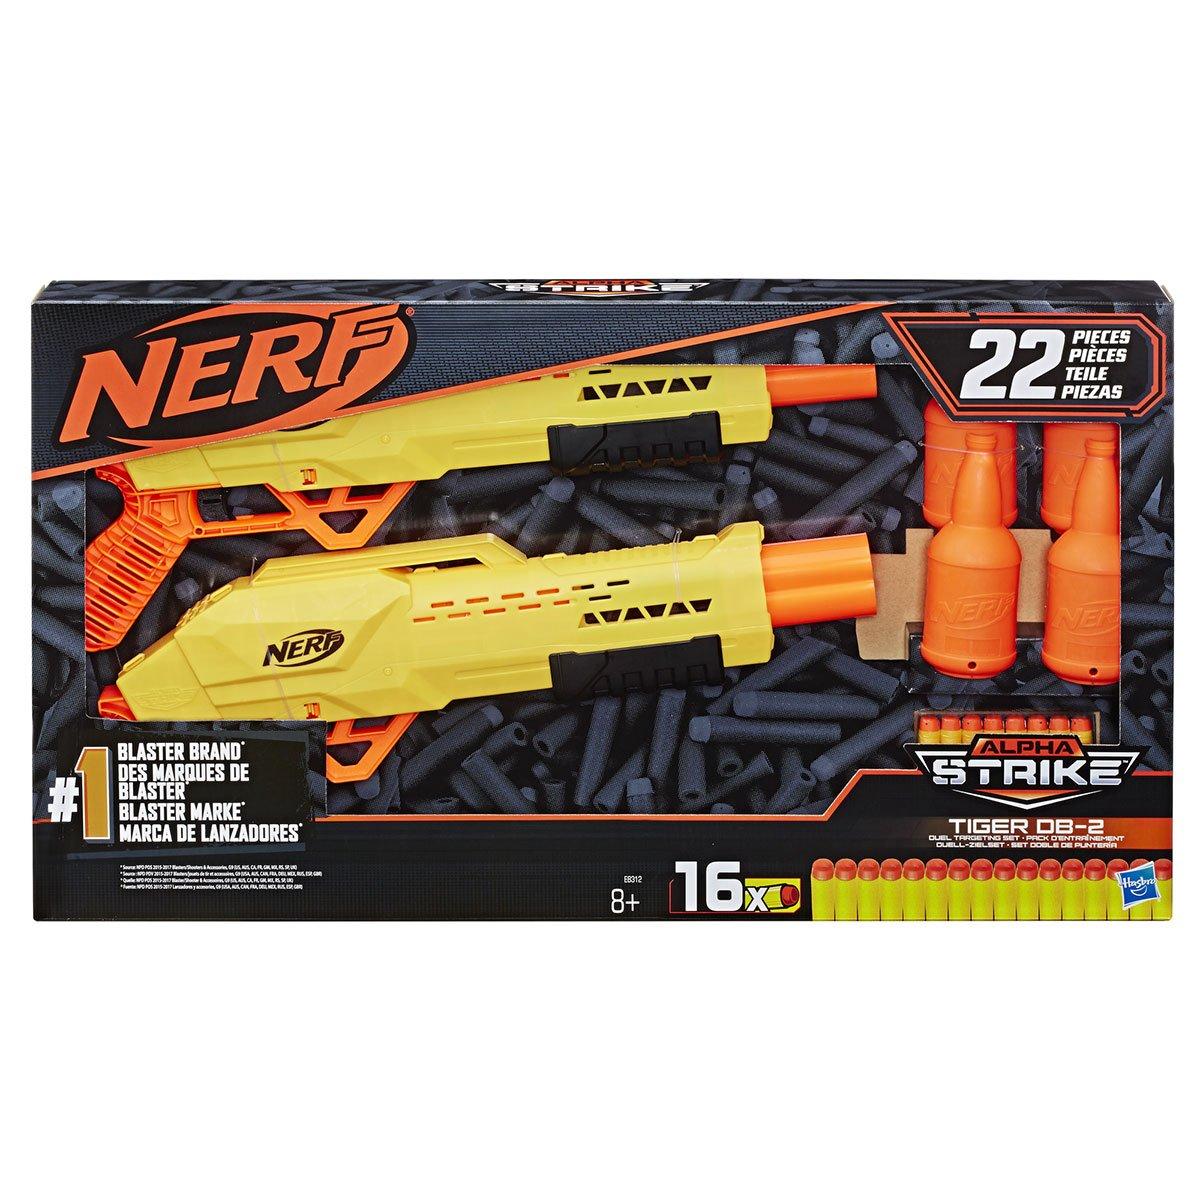 Nerf Alpha Strike Tiger DB 2 Pack d'entraînement